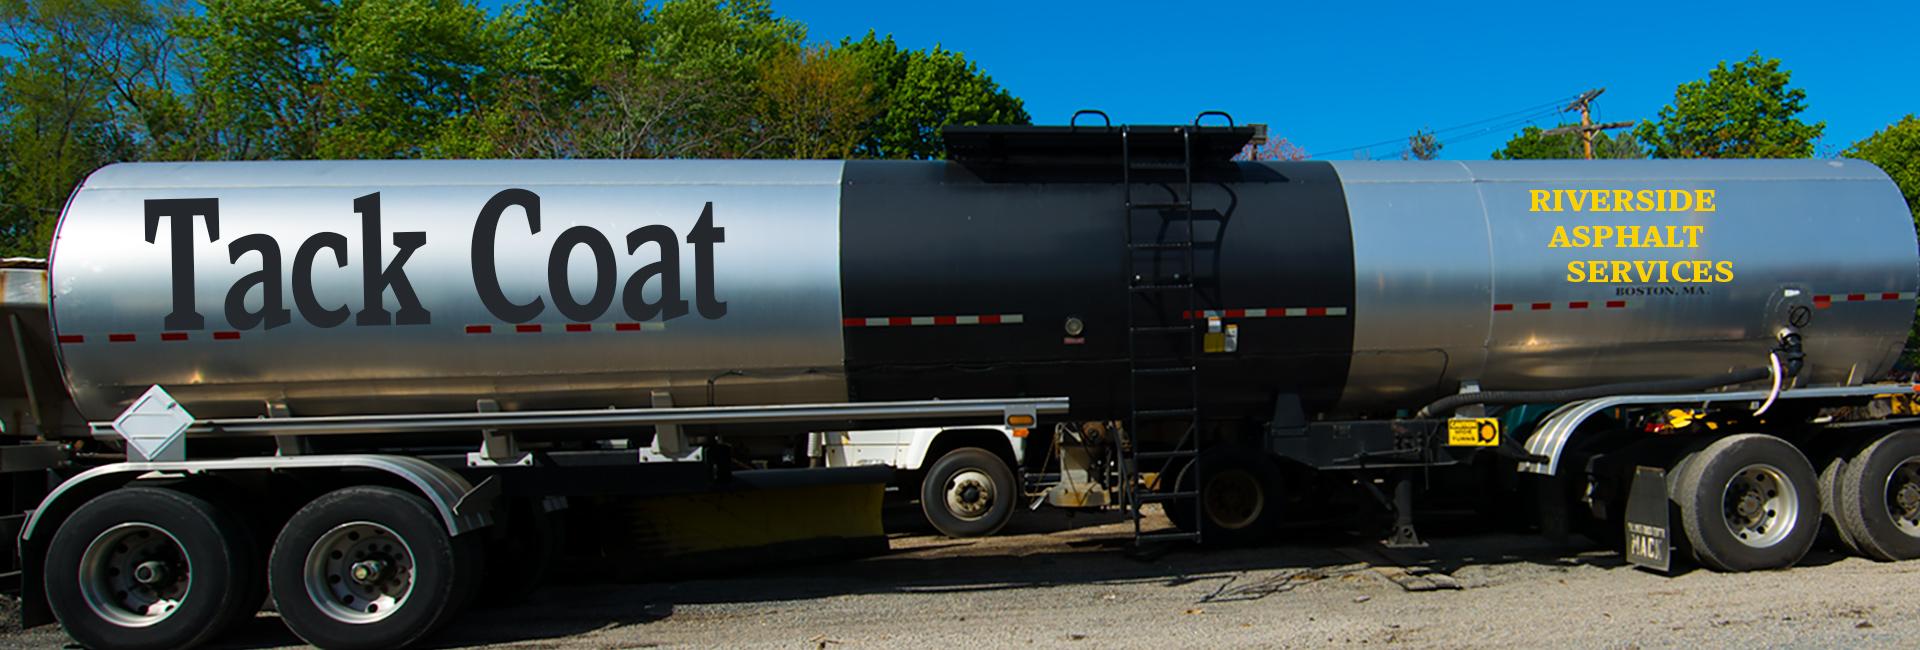 Tack Coat Tack Coat Trucks Asphalt Services To Apply